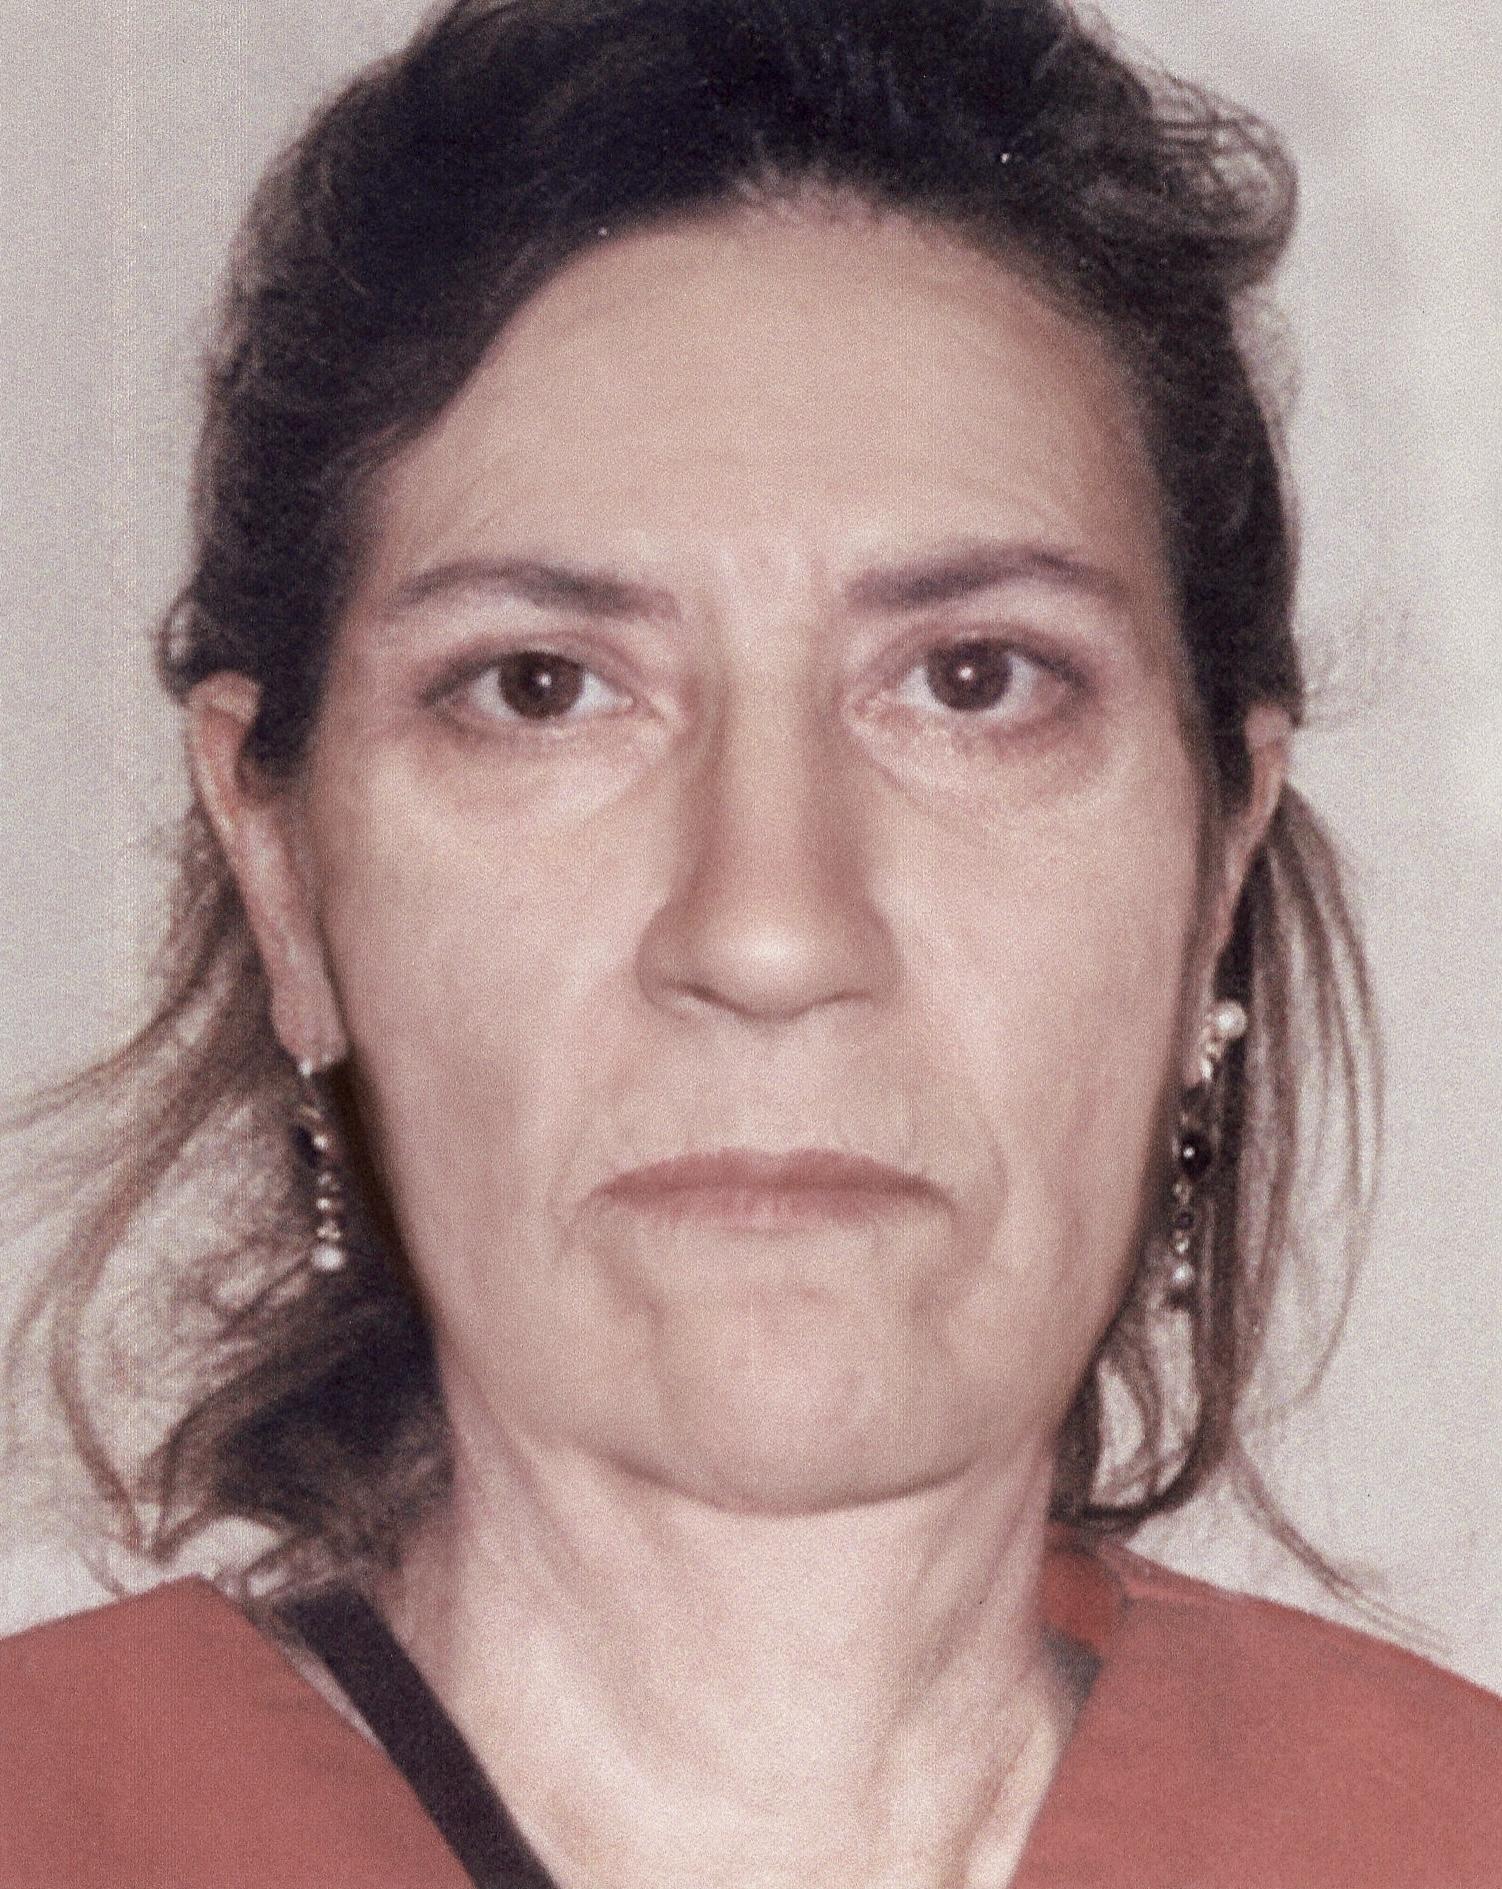 St. Martin Parish Jane Doe (1982)